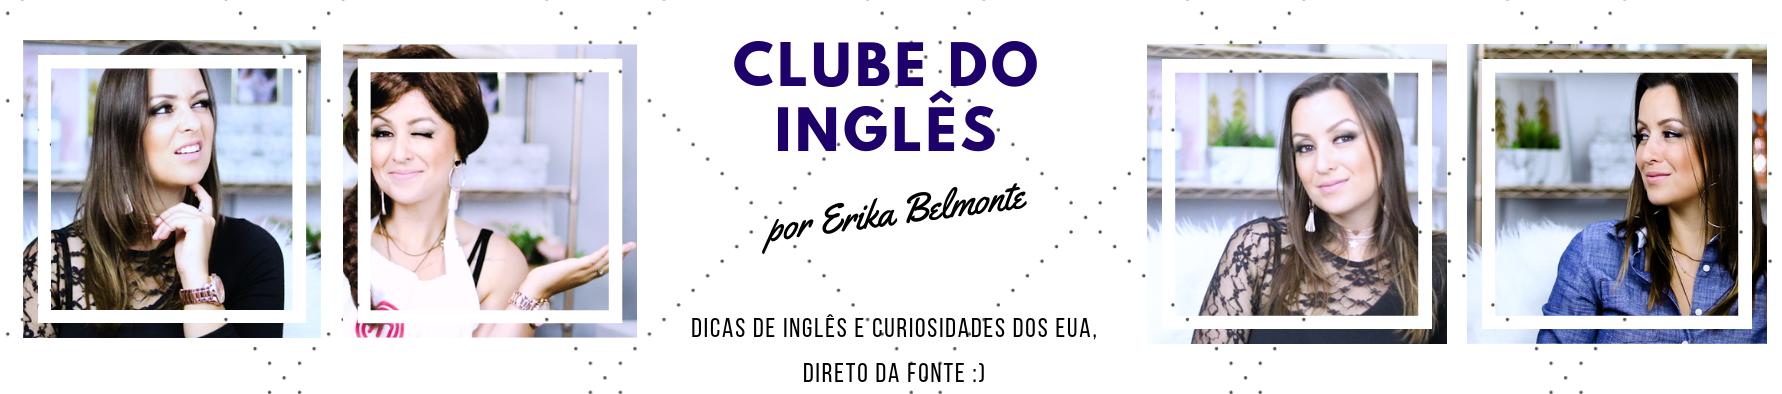 Clube do Inglês